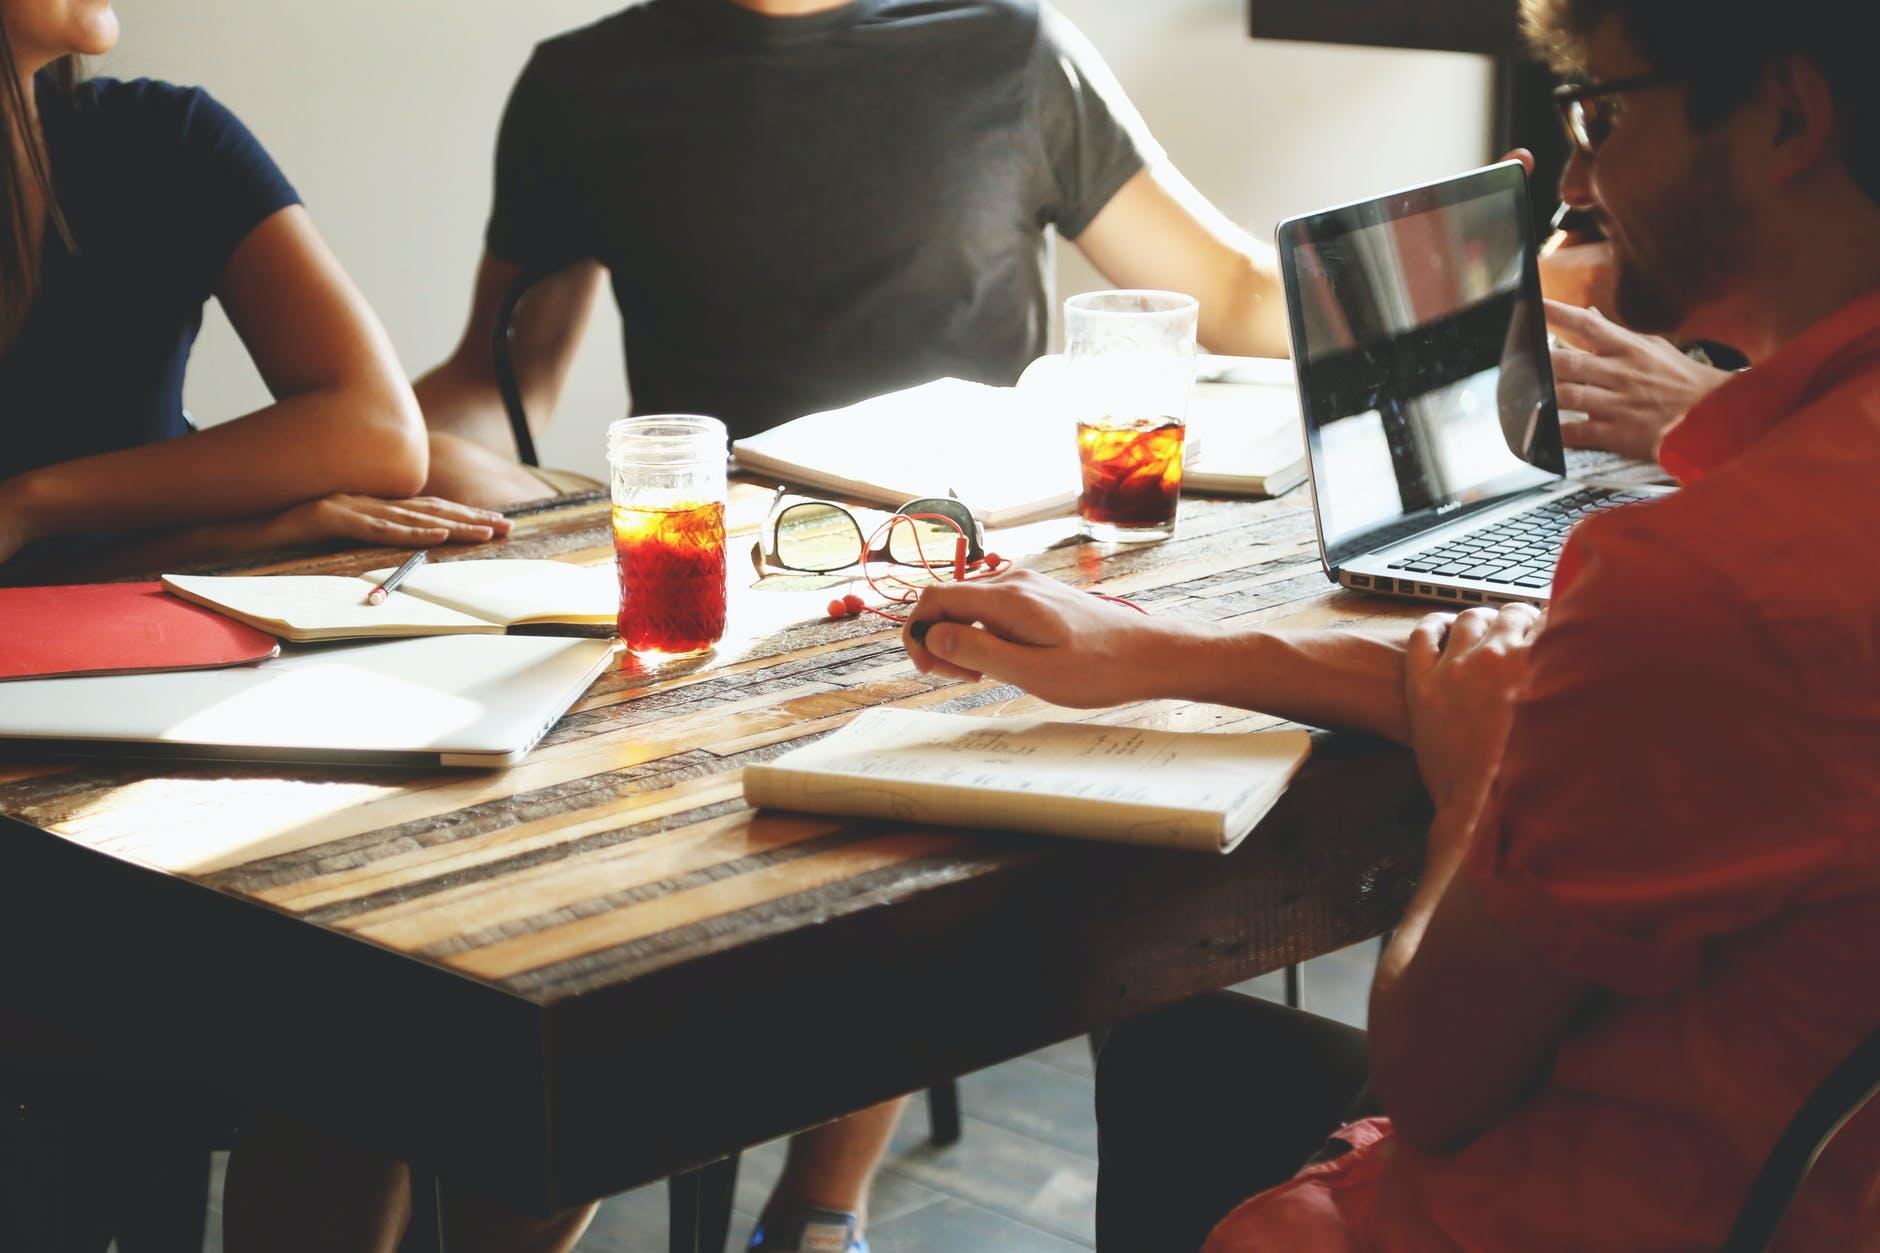 រូបភាពនេះមិនមាន alt attribute; ឈ្មោះដើមរបស់ហ្វាល់នេះគឺ people-coffee-tea-meeting.jpg